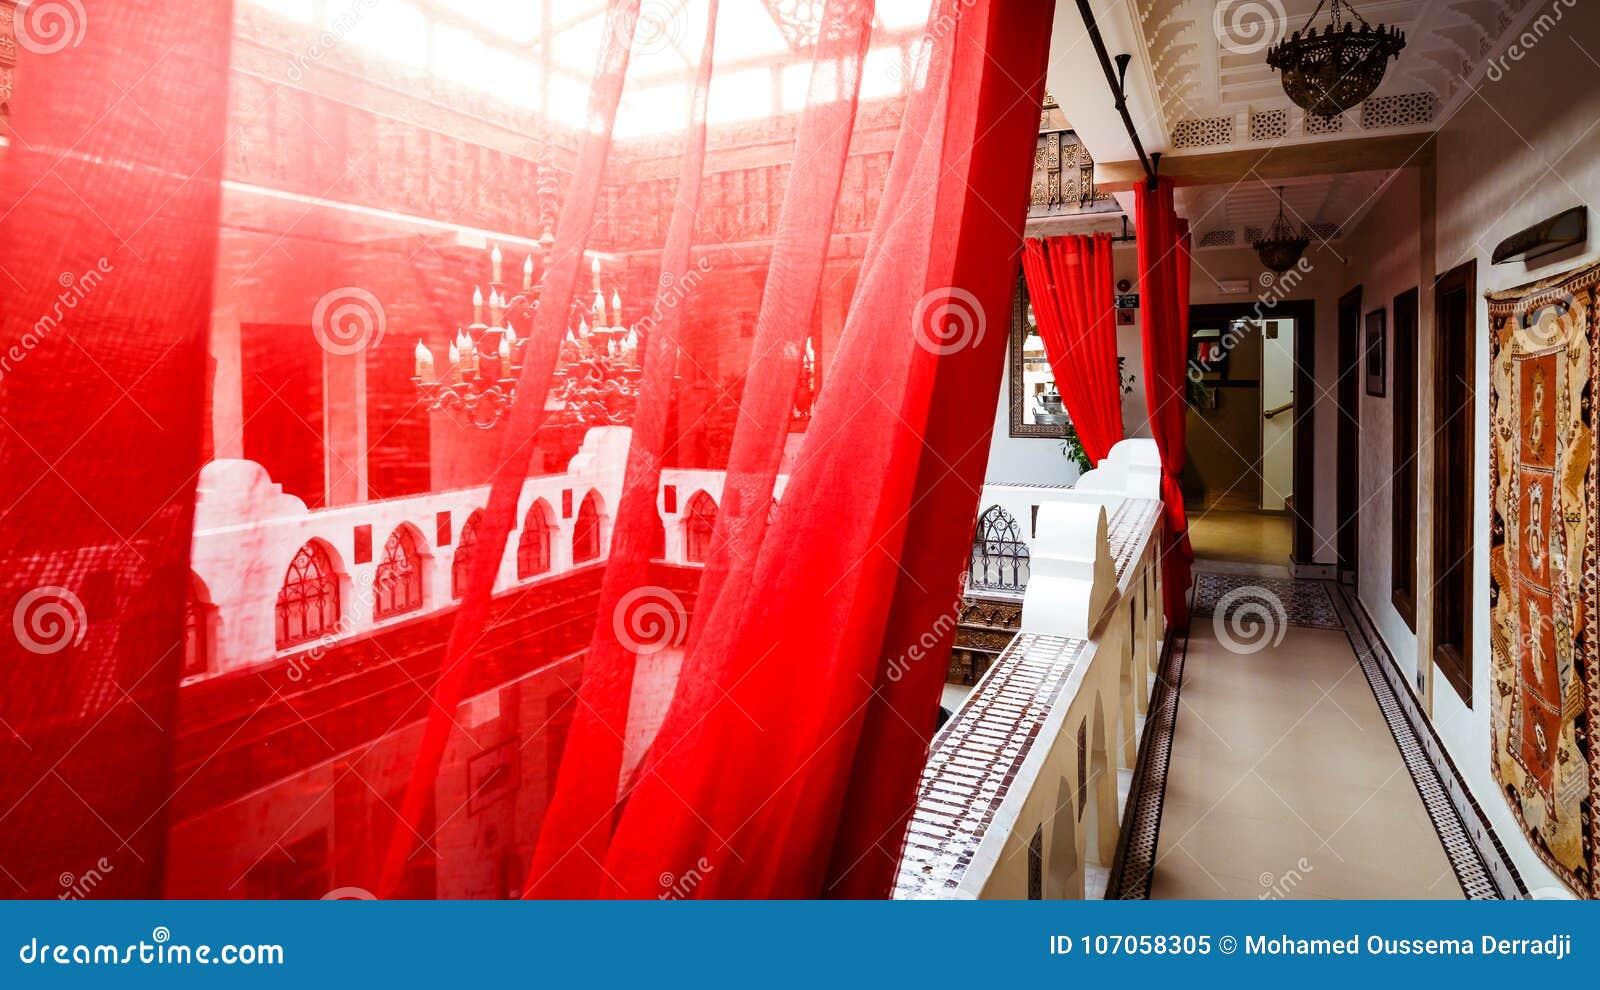 Le rouge transparent drapent dans un passage